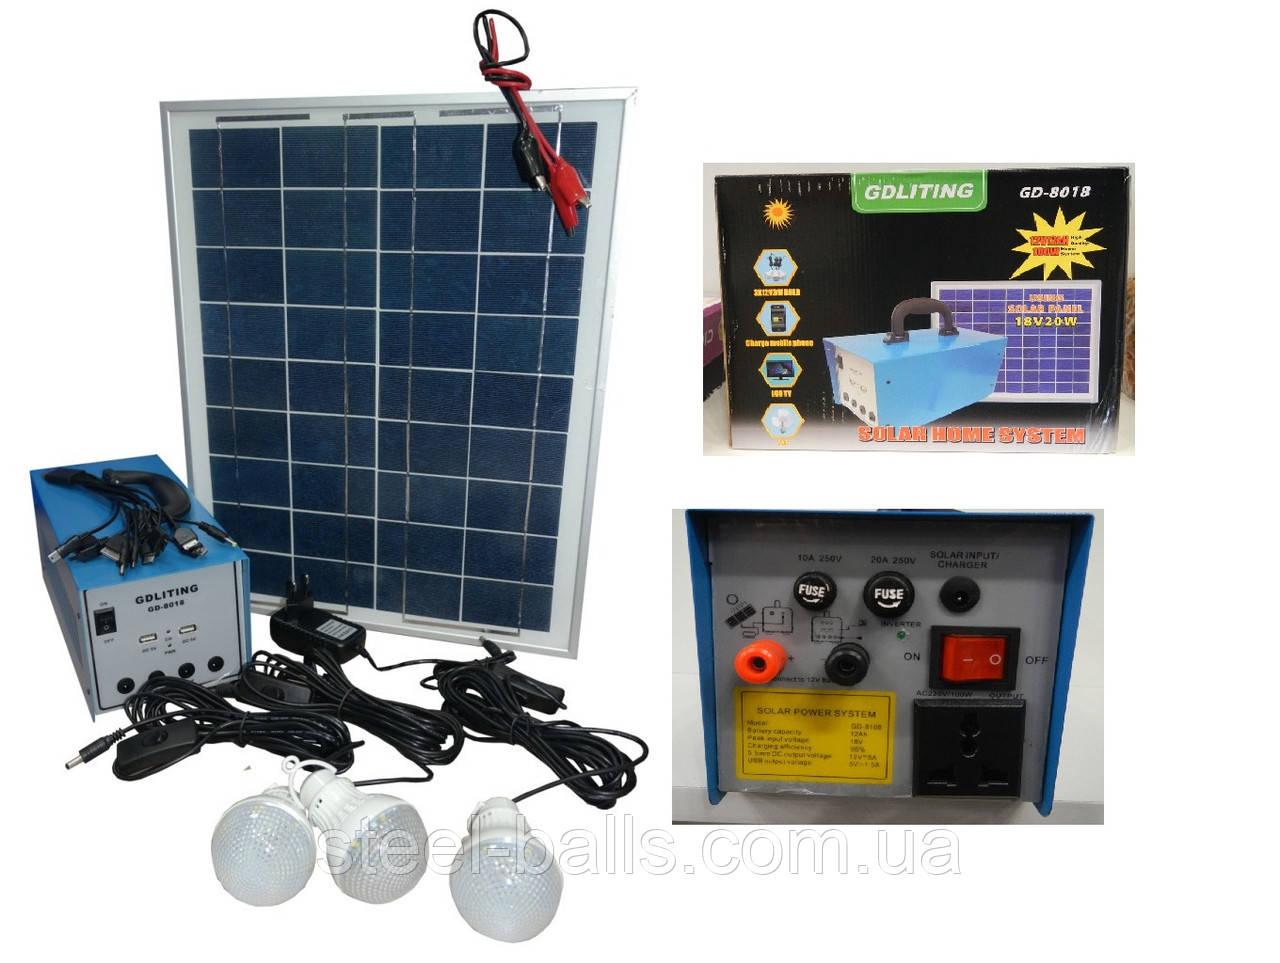 Автономный аккумулятор бесперебойного действия на солнечной батарее (Solar Home Syste)